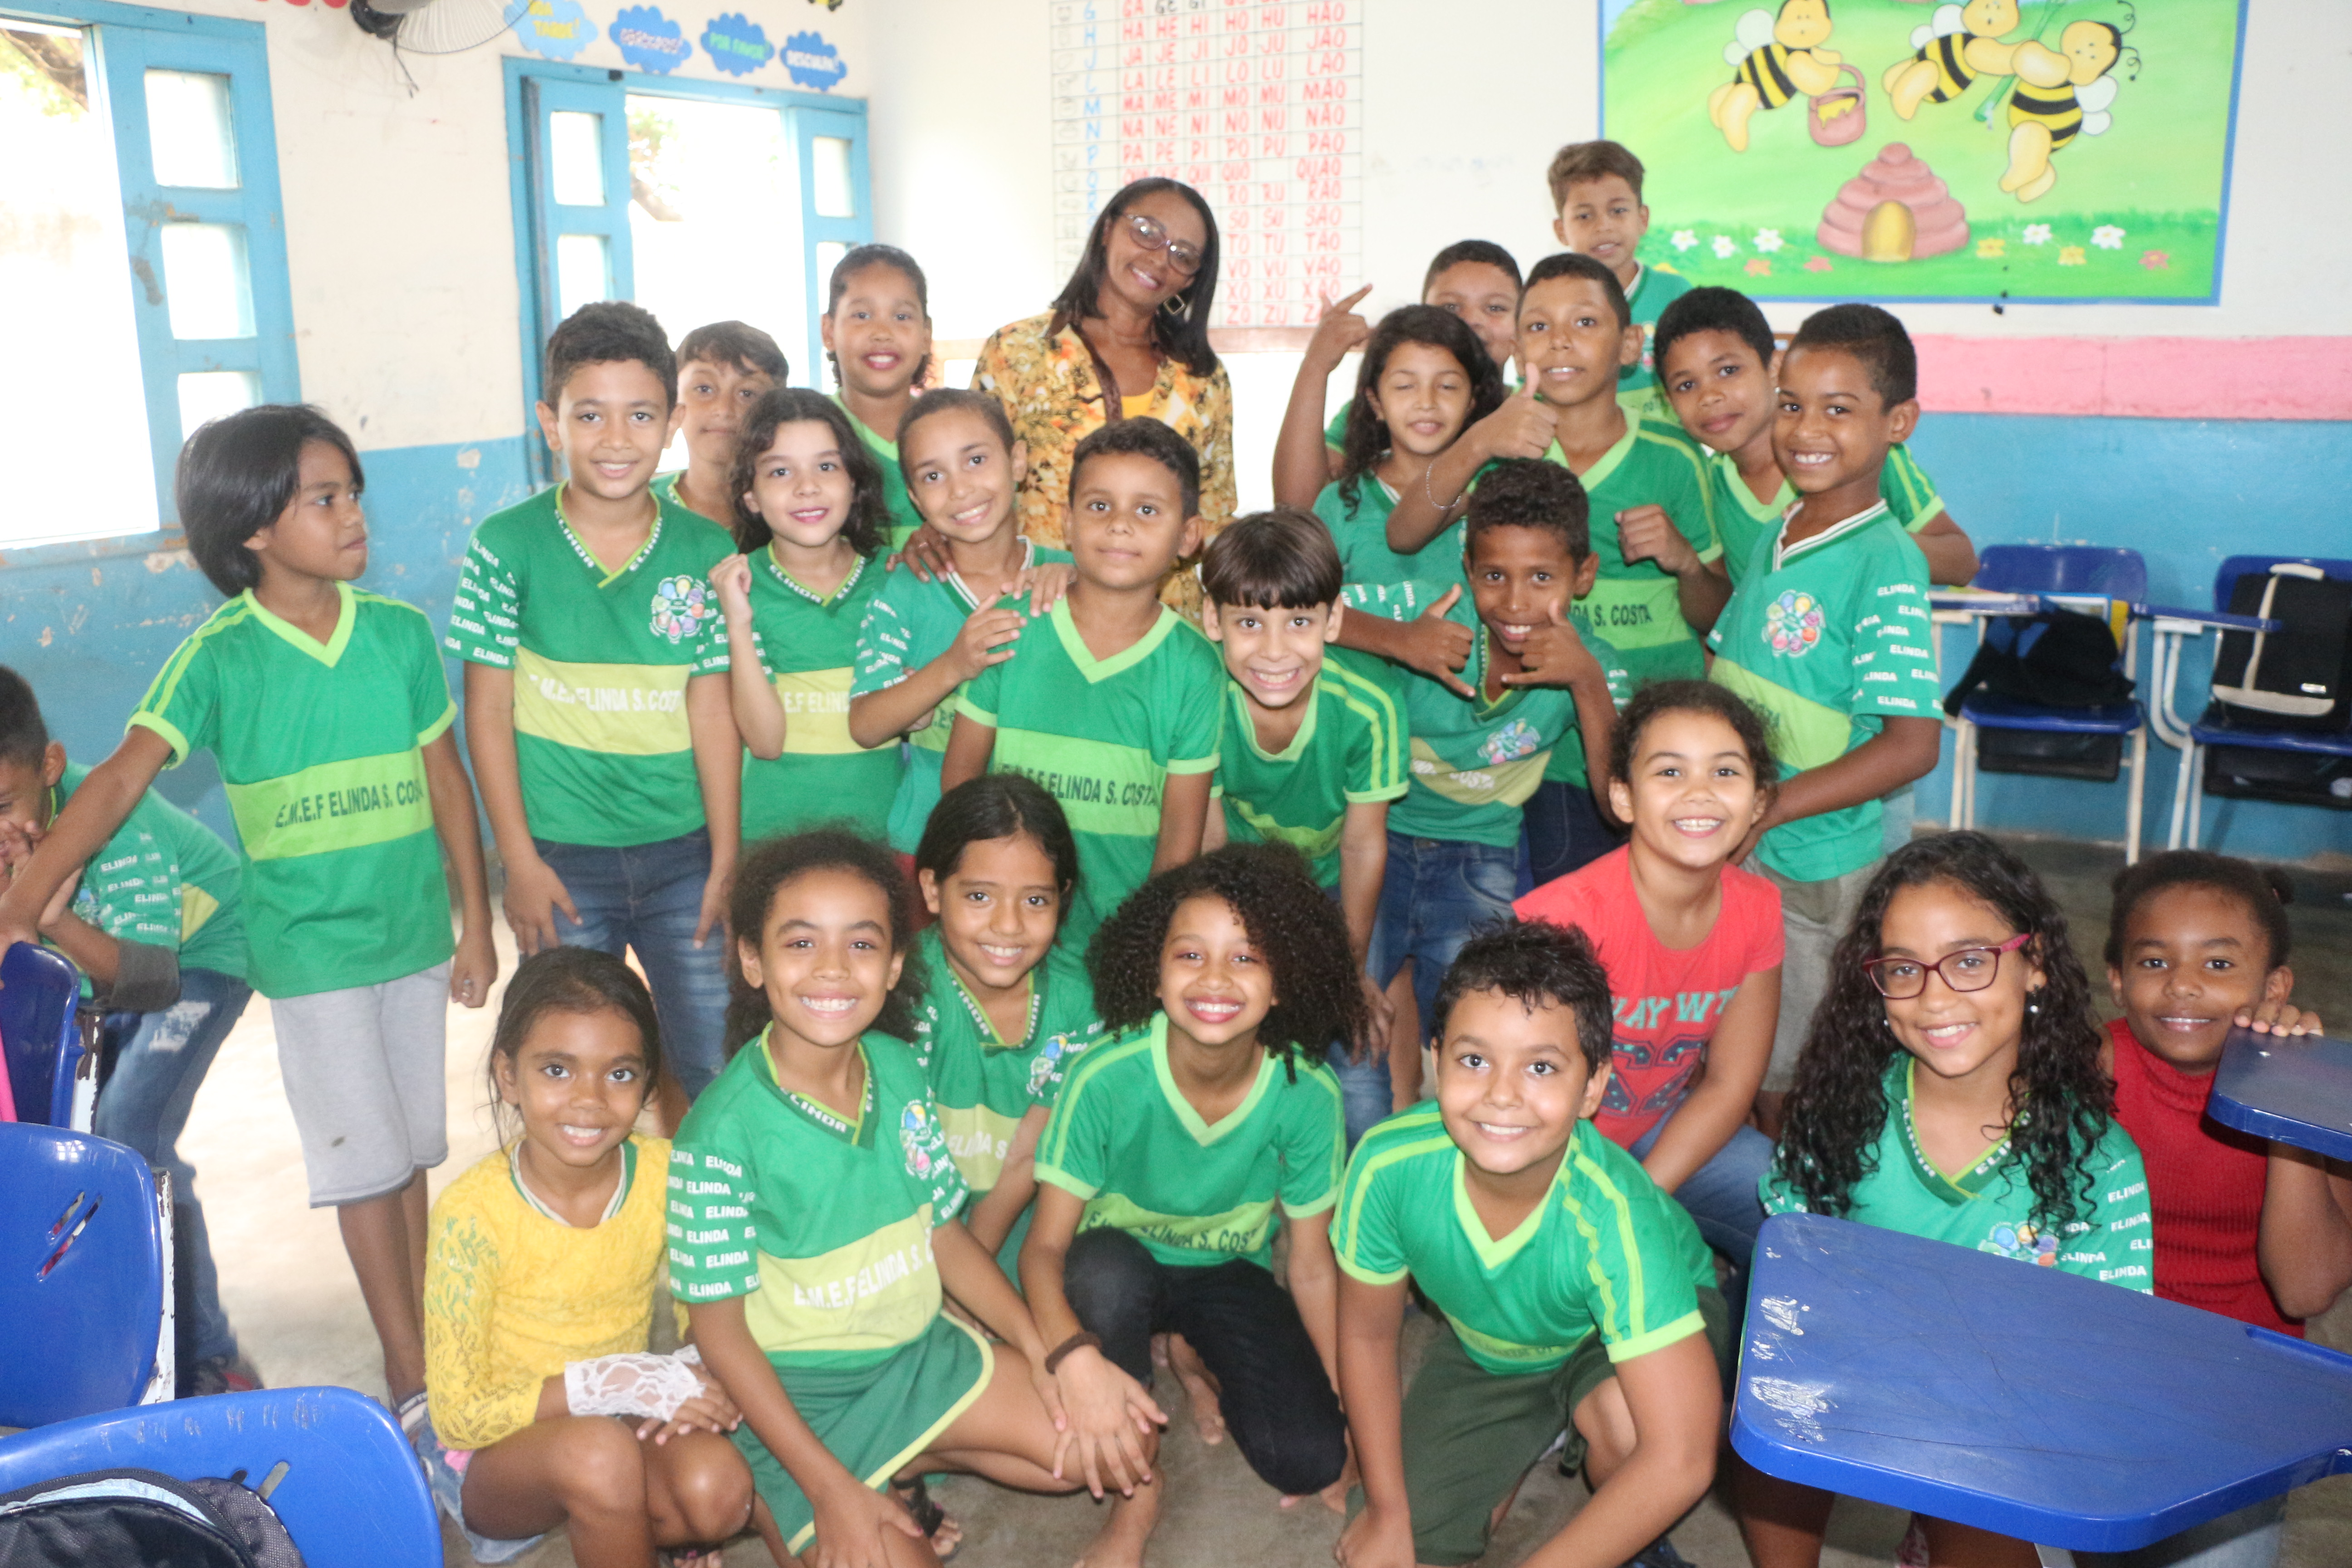 Educação: Diretora da Escola Elinda Costa se reinventa com projetos para melhorar ambiente escolar